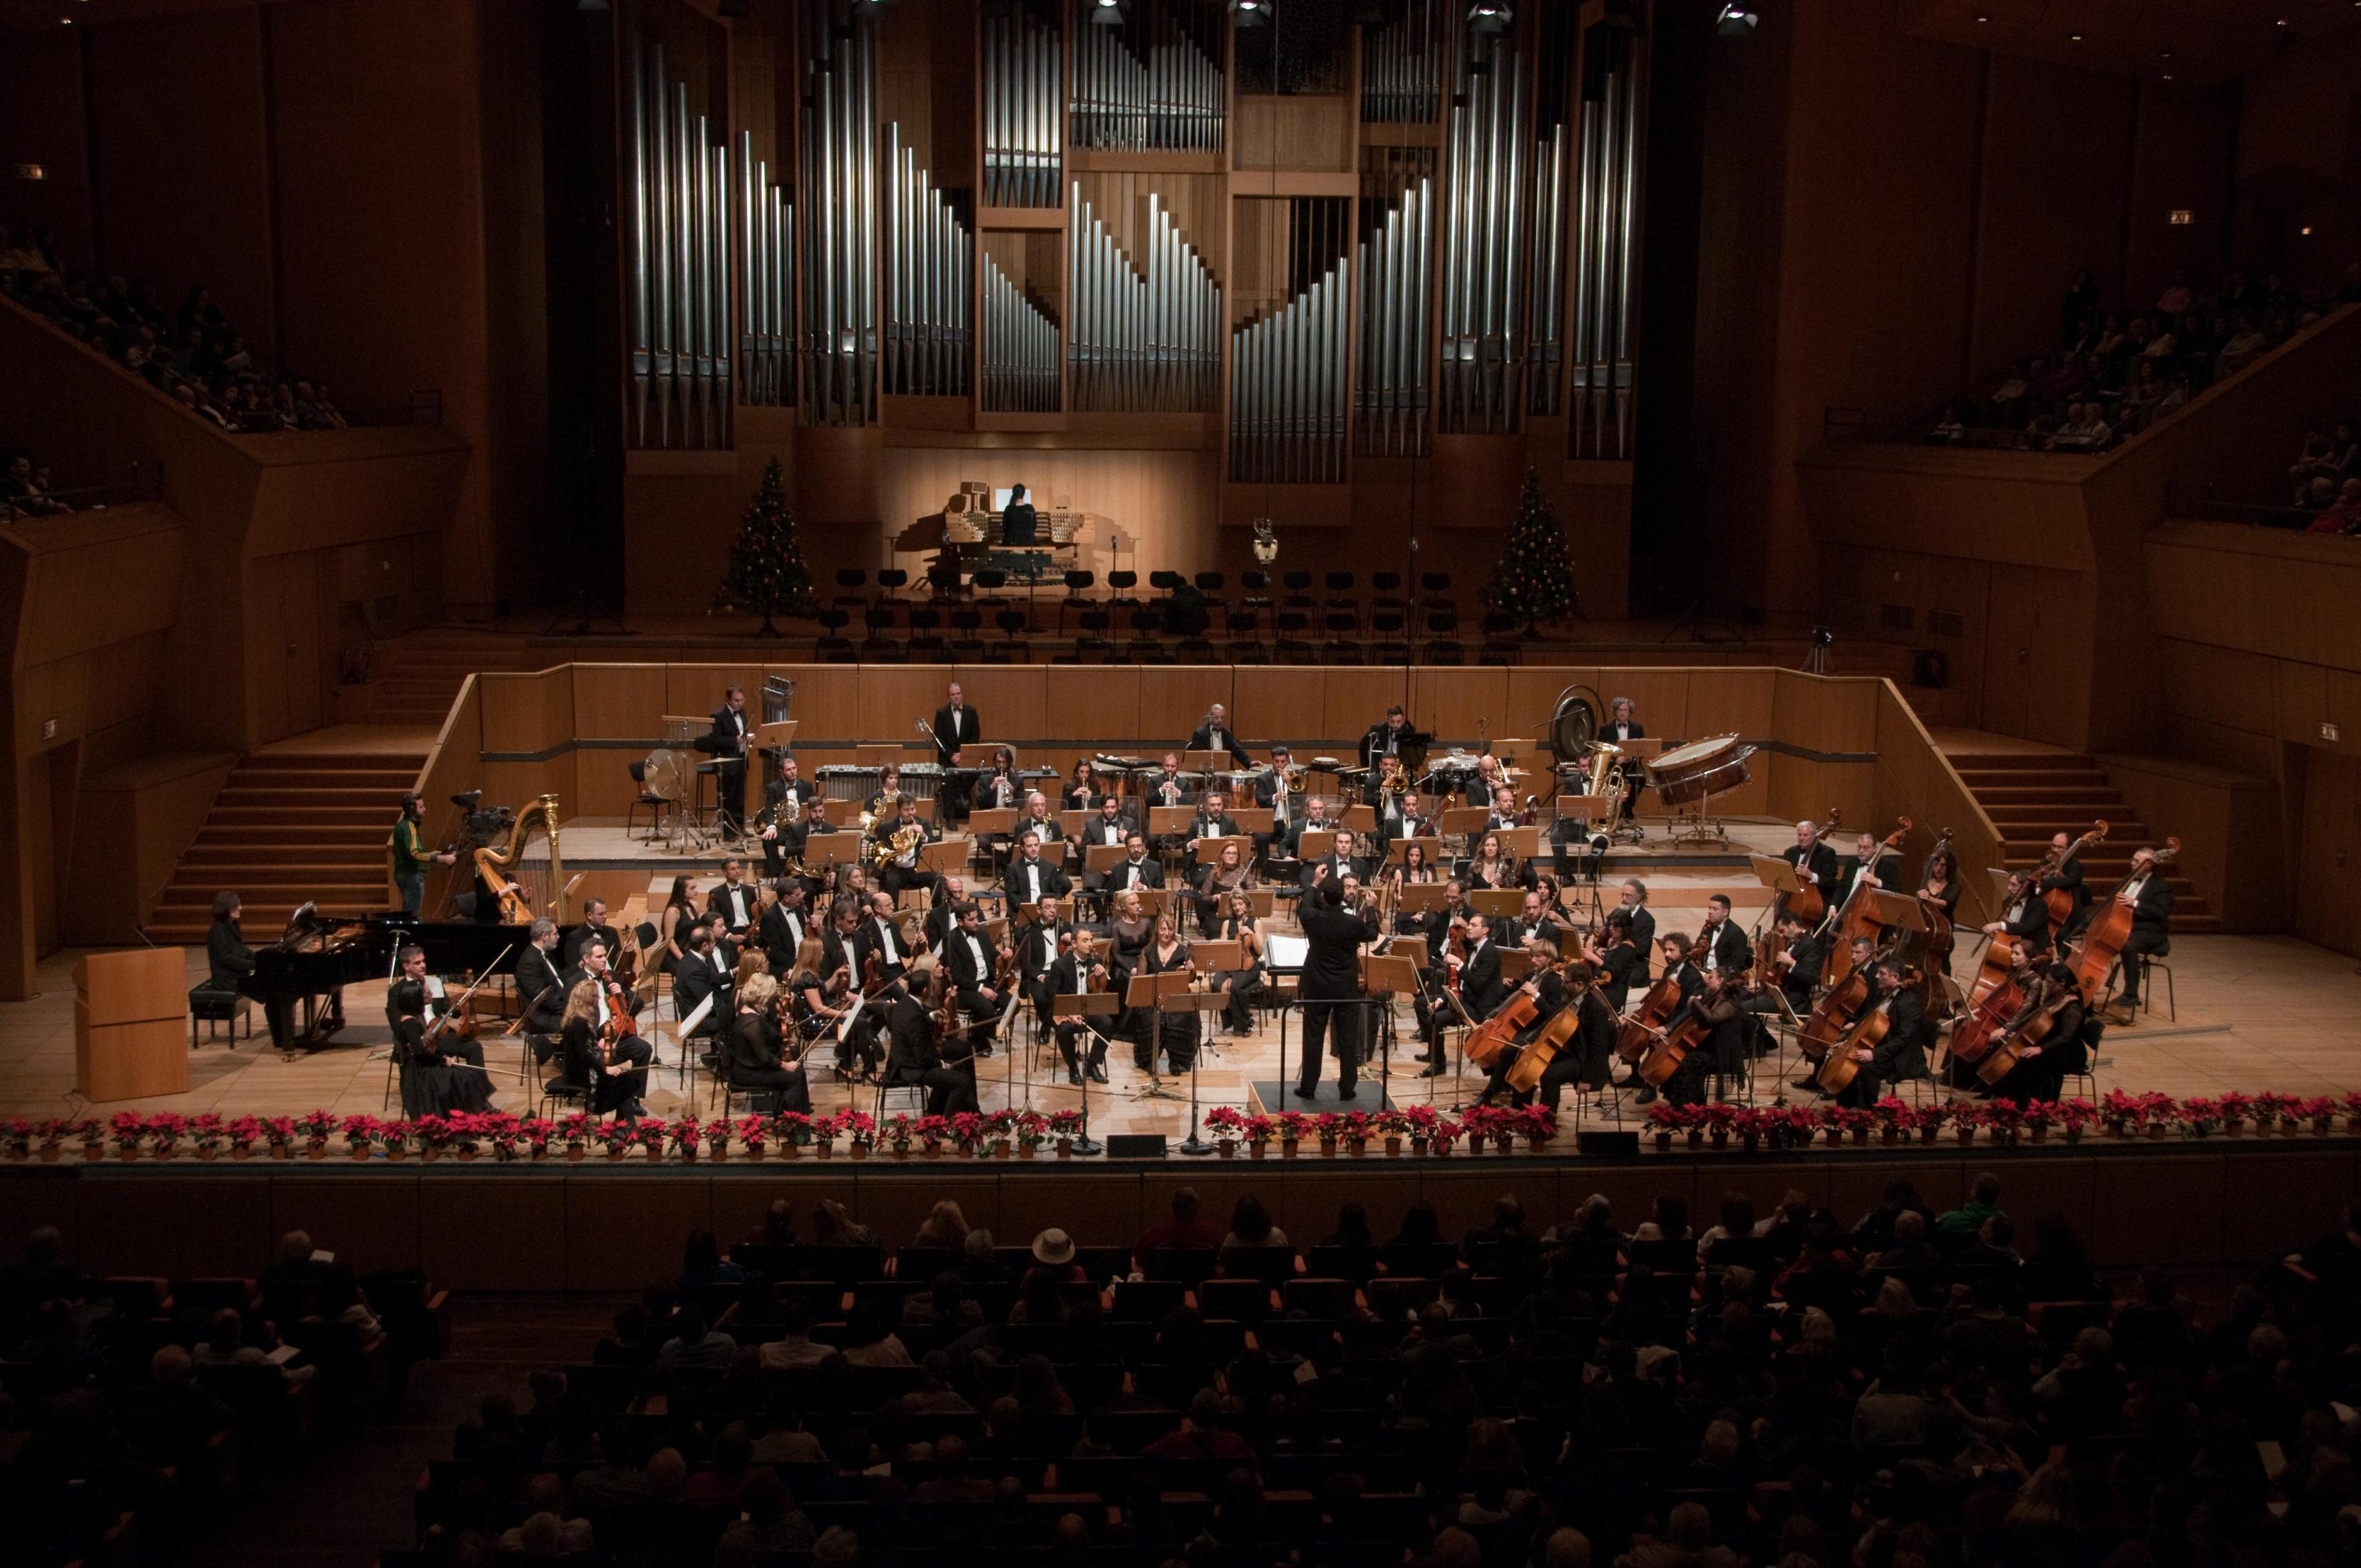 Εθνική-Συμφωνική-Ορχήστρα-1-1